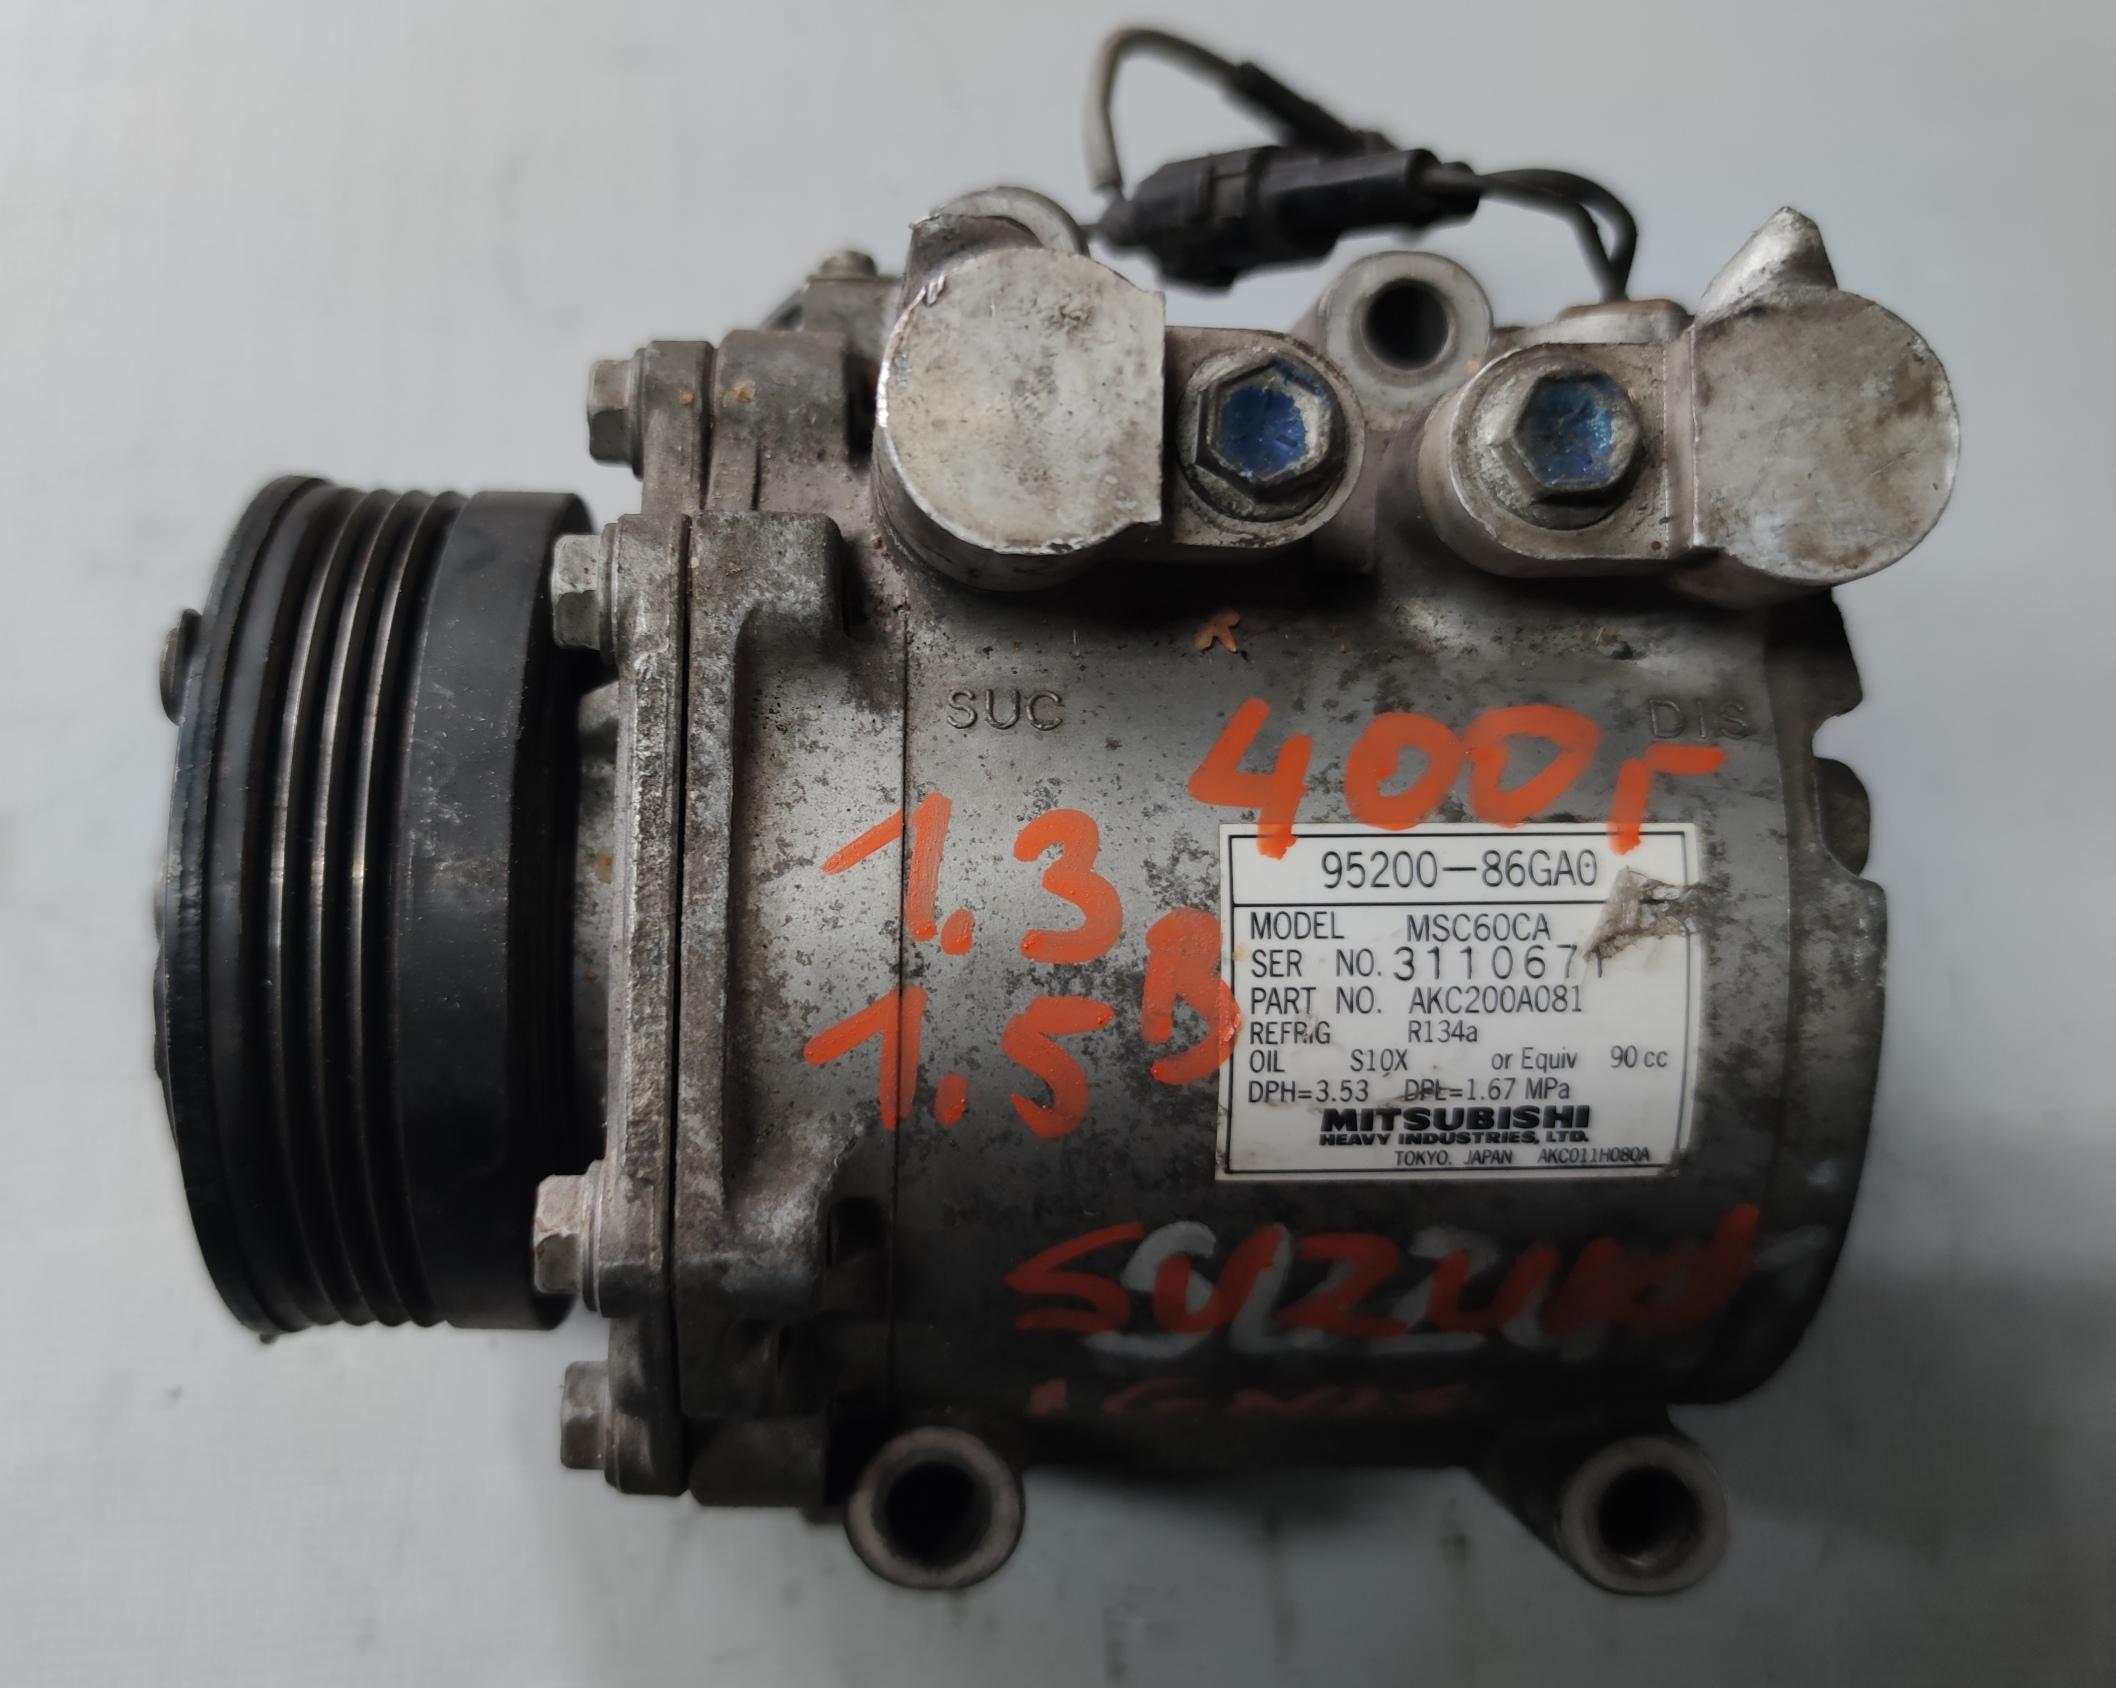 Sprężarka Klimatyzacji Suzuki 1.3B 95200-86GA0